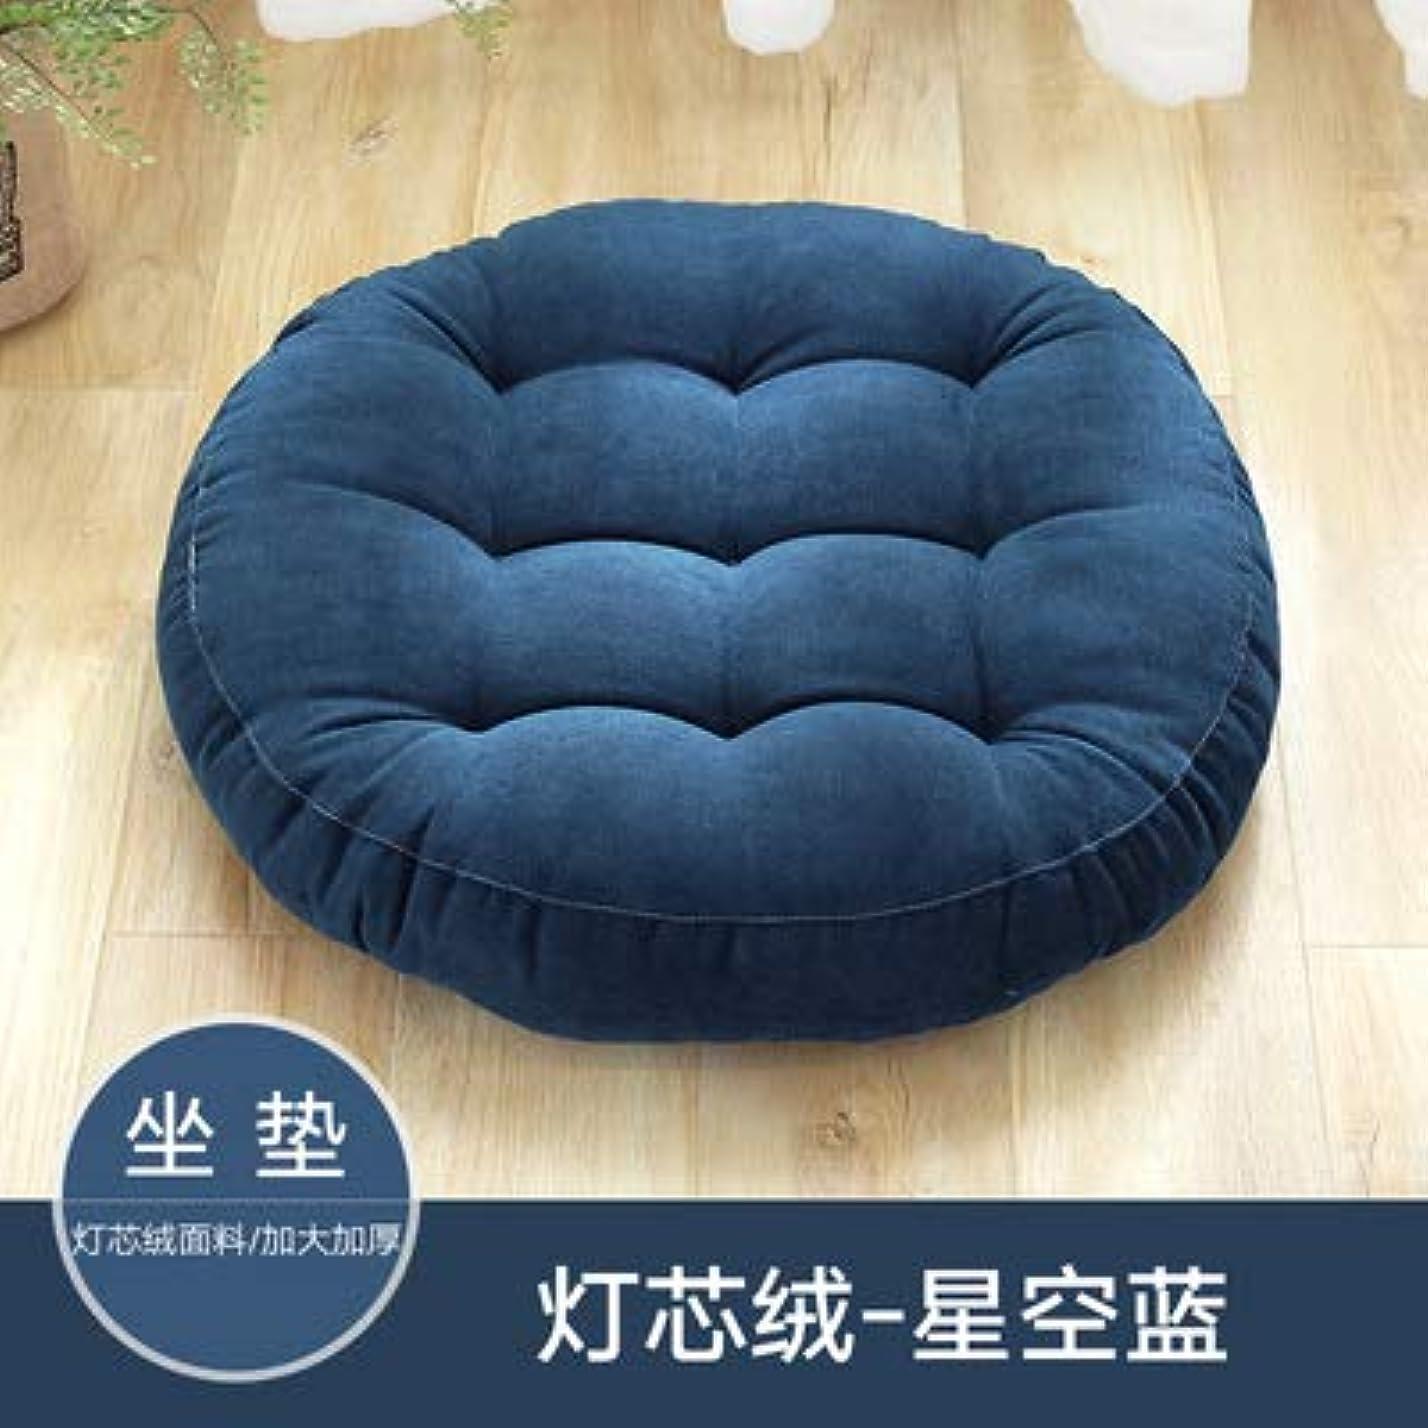 広範囲取得する舌なLIFE ラウンド厚い椅子のクッションフロアマットレスシートパッドソフトホームオフィスチェアクッションマットソフトスロー枕最高品質の床クッション クッション 椅子